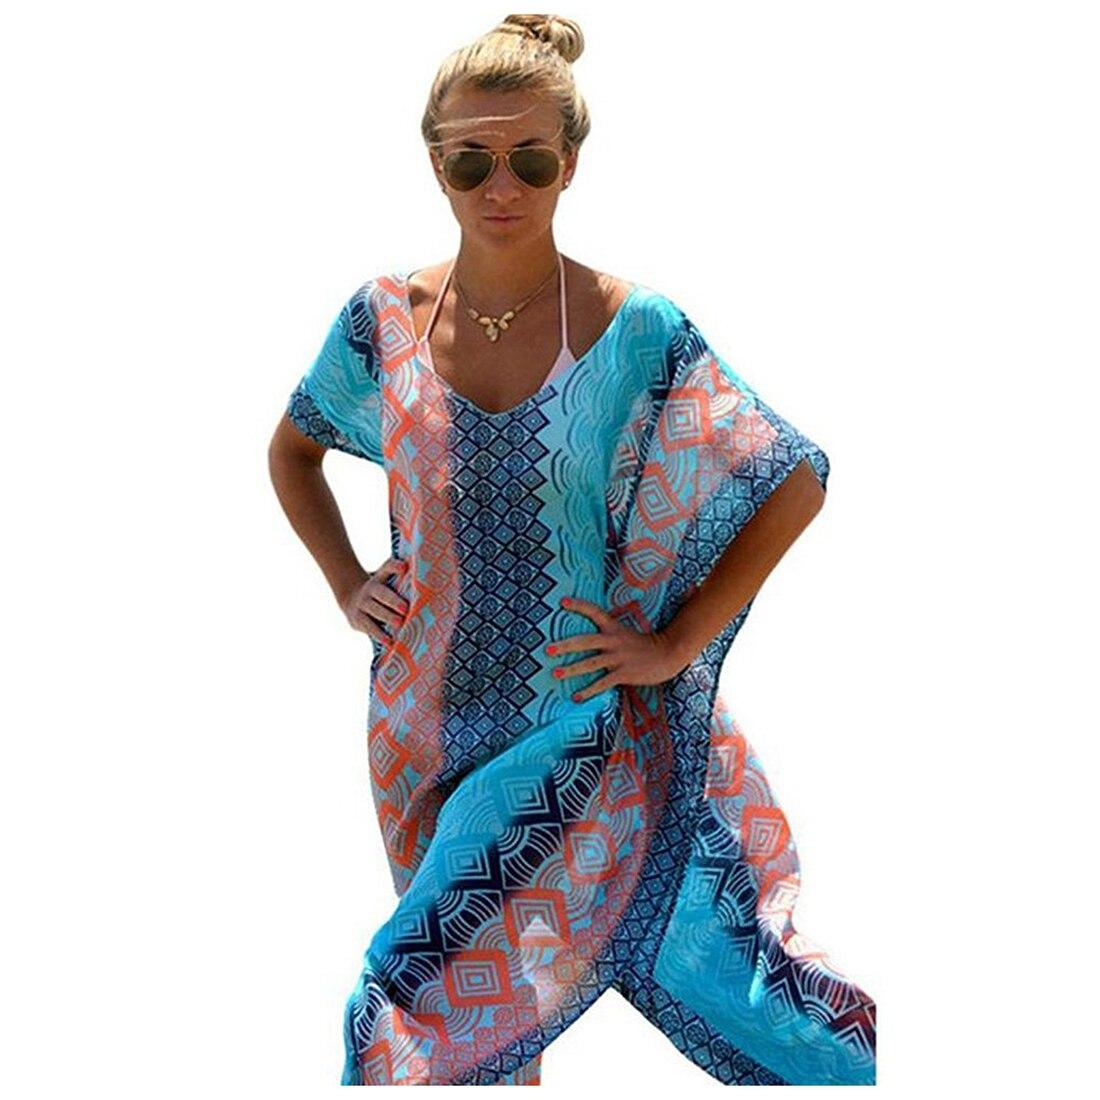 Acheter En gros! Femmes En Mousseline de Soie Robe de Plage Robe Maillot de Bain Maillots de Bain Bikini Cover ups, Bleu, Une Taille de cover-ups fiable fournisseurs